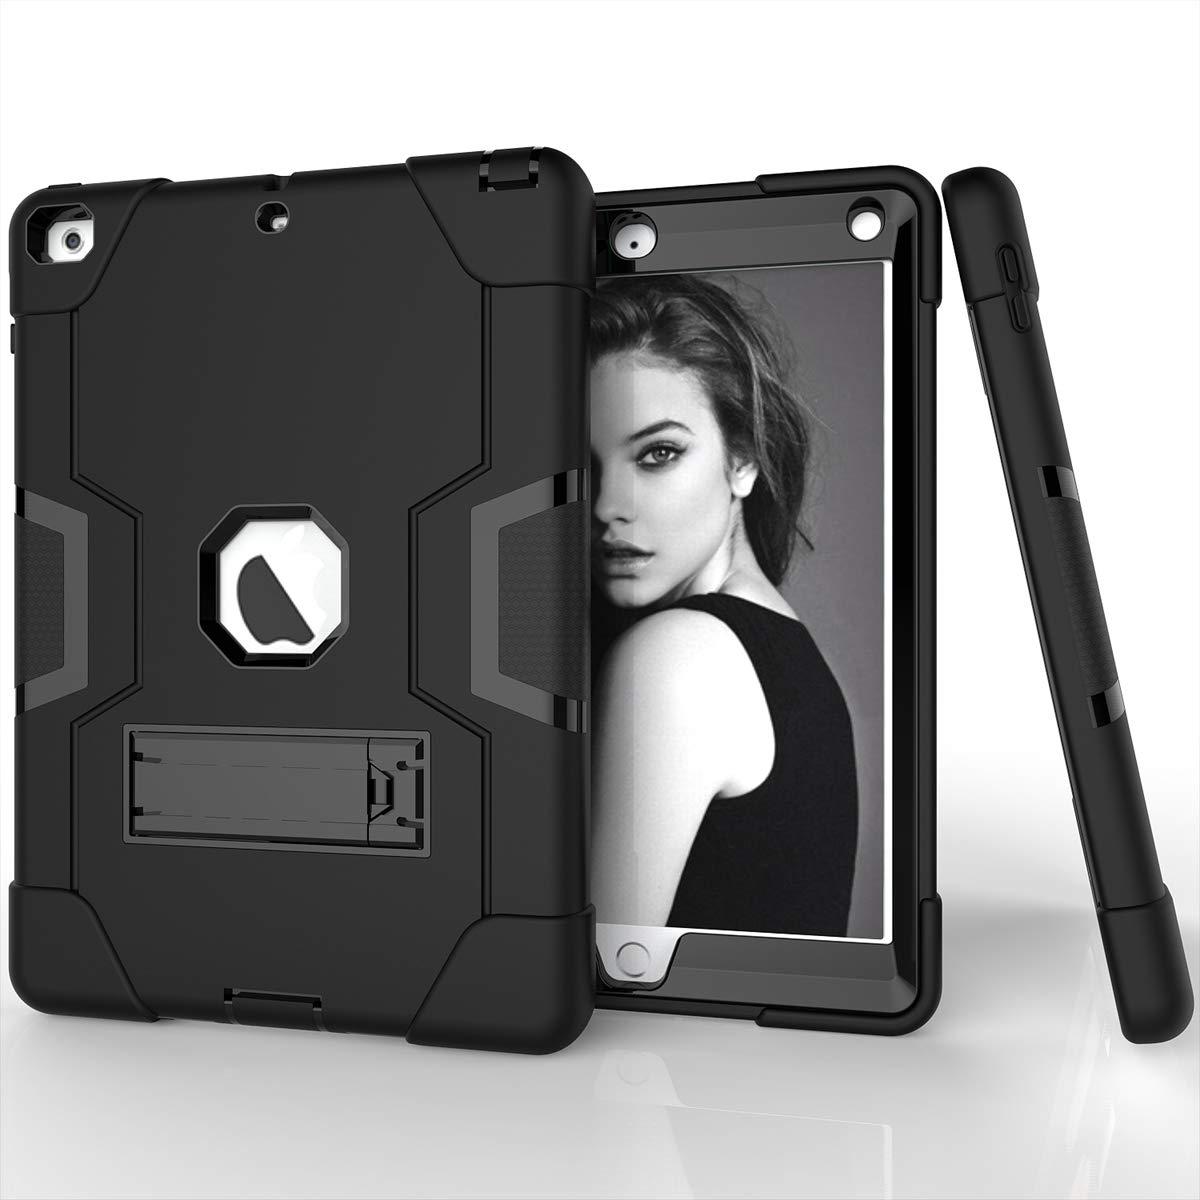 【新作からSALEアイテム等お得な商品満載】 iPad iPad 9.7インチ2017 2018ケース バンパー 優れたバックカバー保護ケース iPad 9.7インチ20172018(アクア+グレー)と優れた互換性, ブラック, ブラック 1581-OQ-795 iPad ブラック B07L77M3MV, koba garden.shop:d13606a4 --- a0267596.xsph.ru